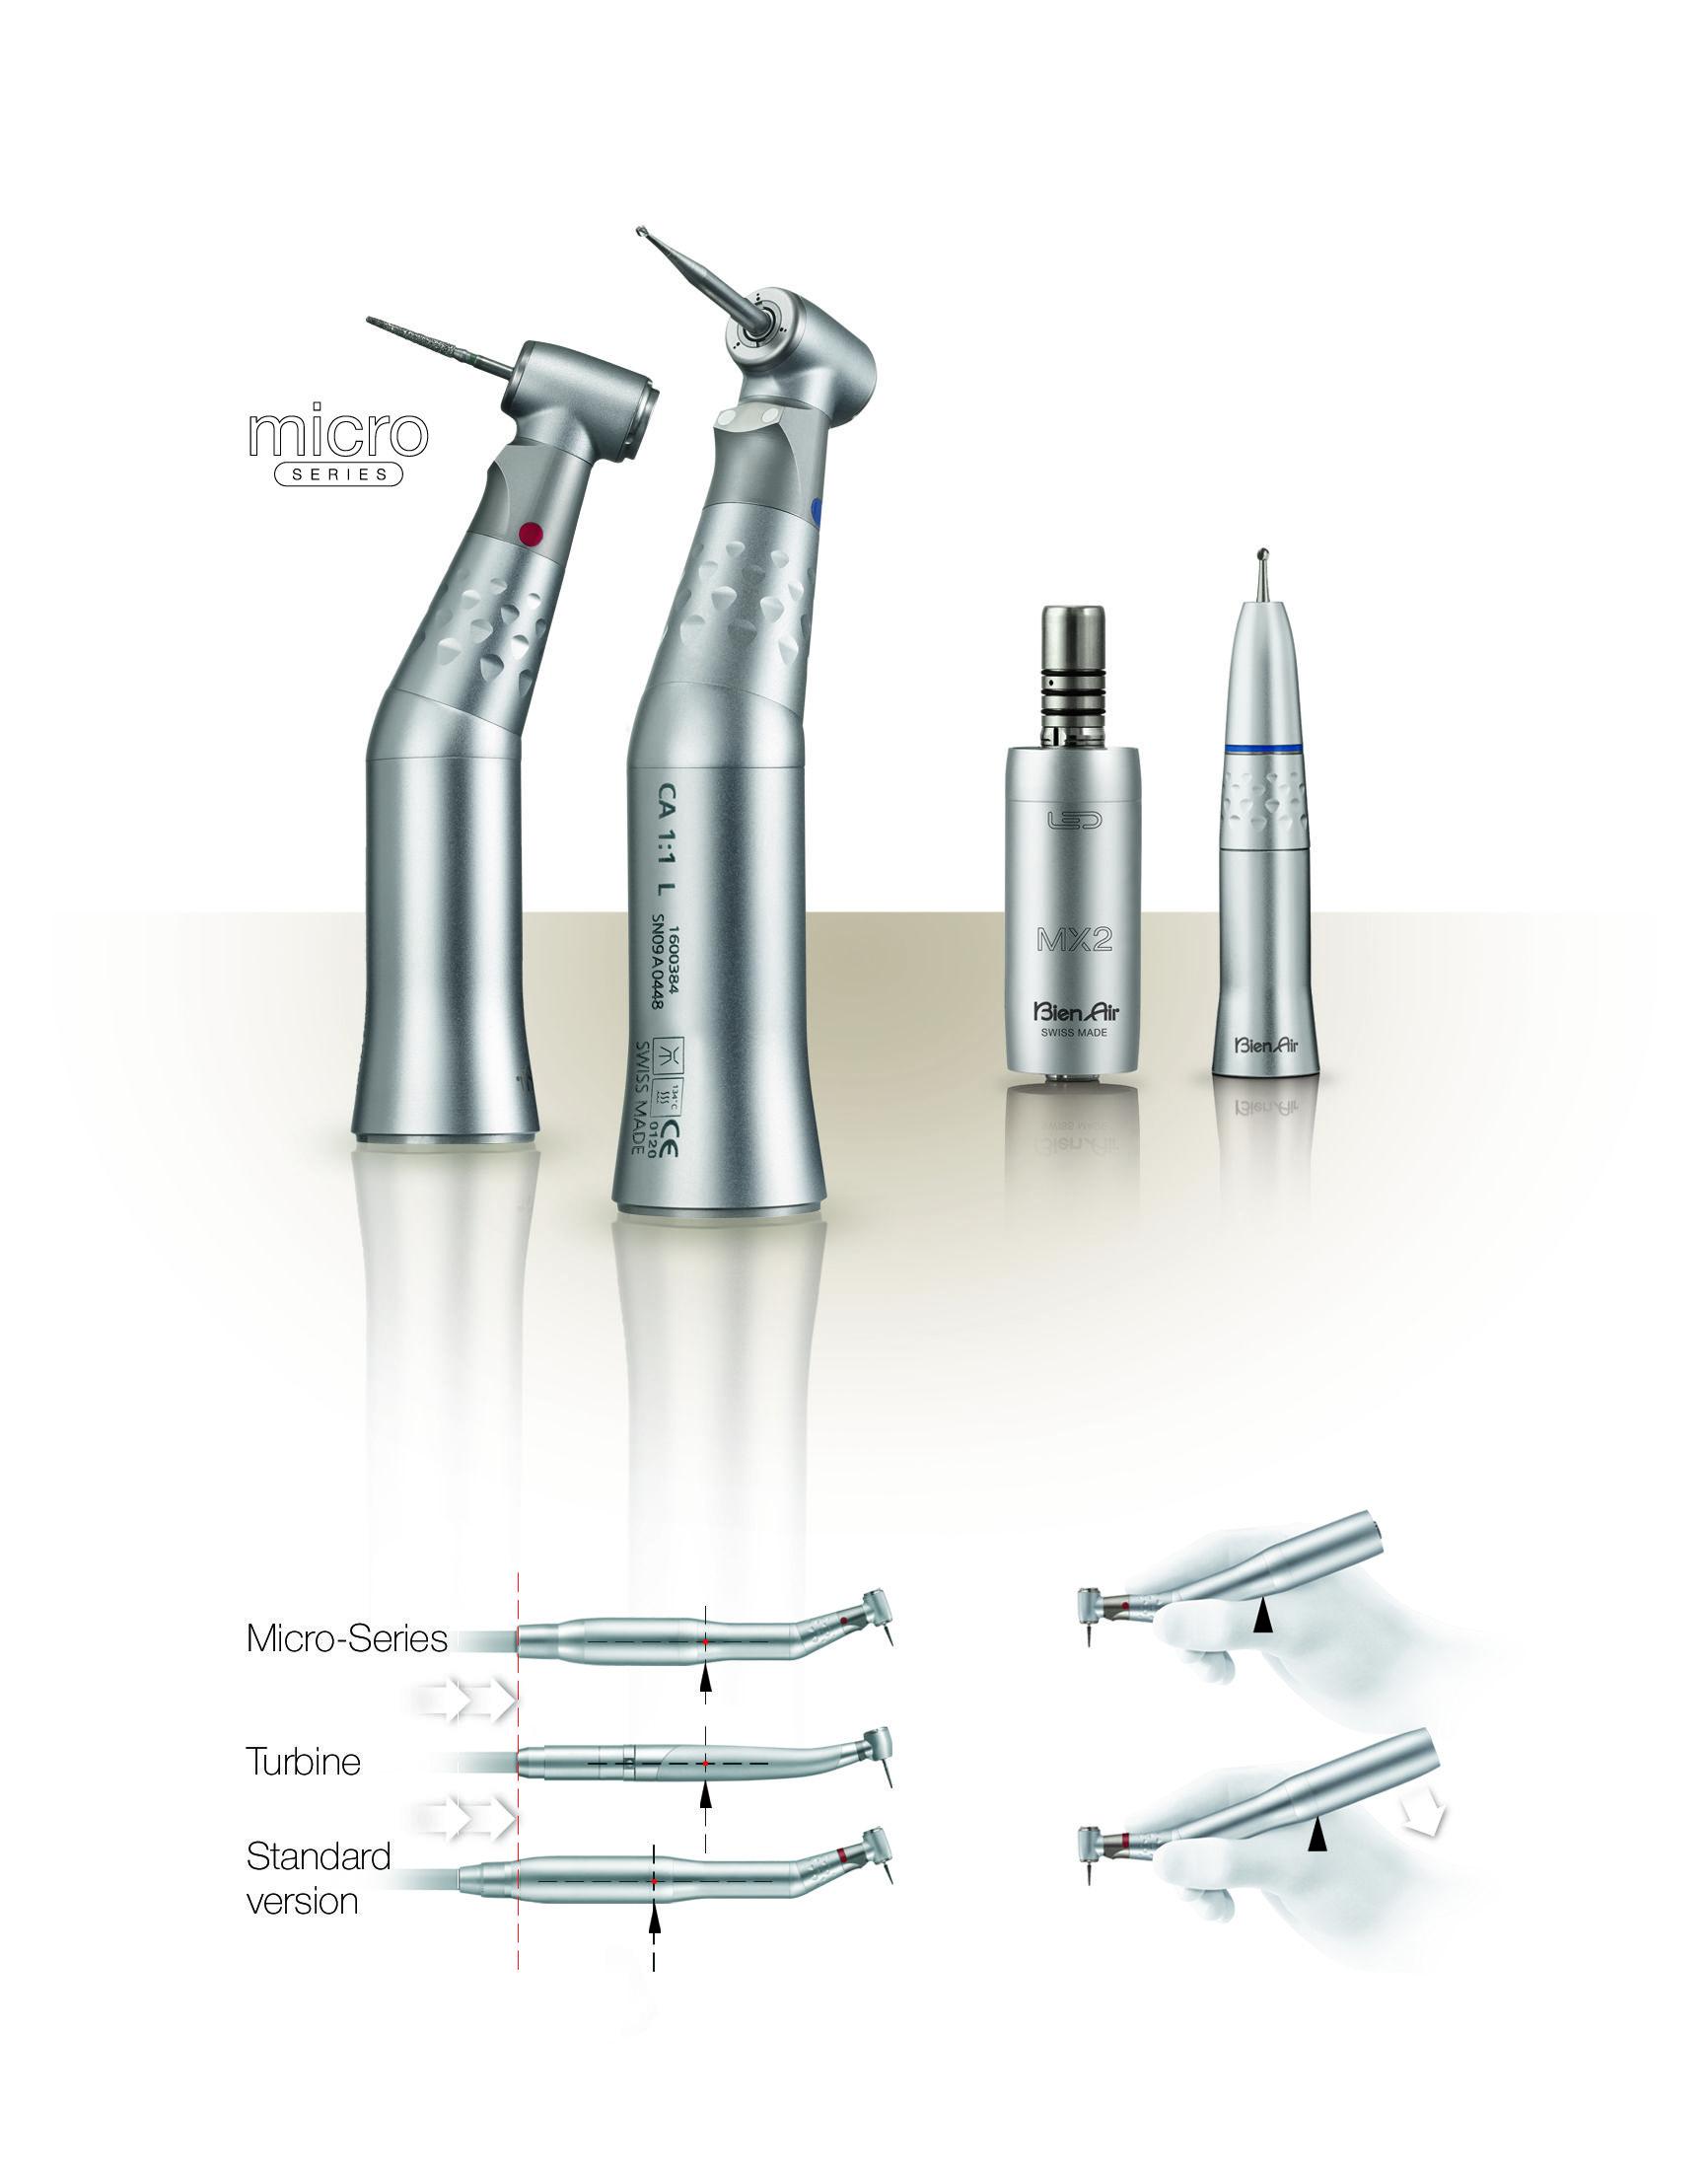 MicroSeries by Bien Air Dental, Office supplies